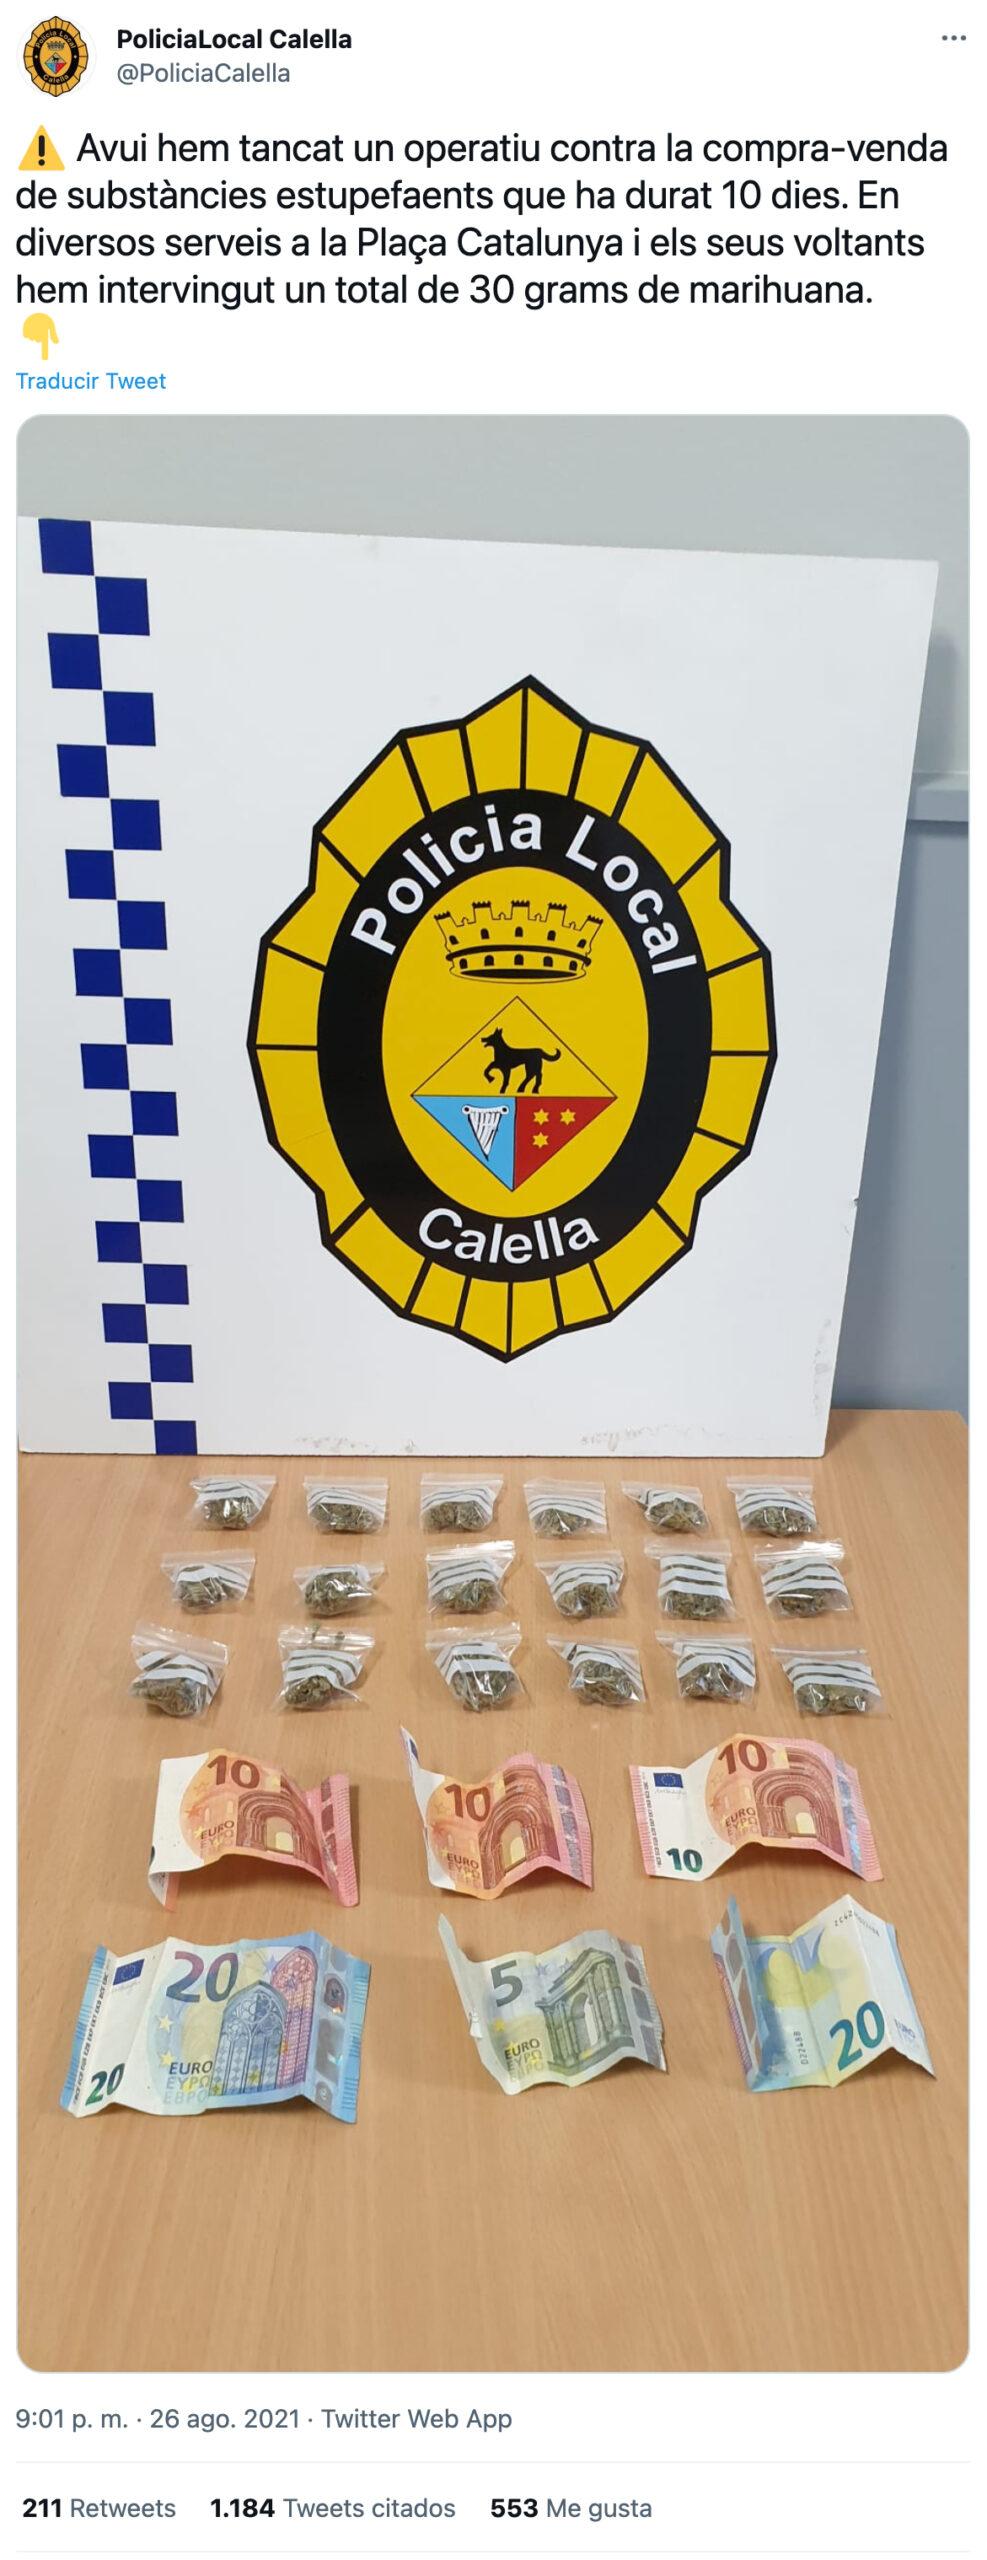 Narcos Calella: Cachondeo con el anuncio de una operación policial con 30 gramos de maría y 75 euros